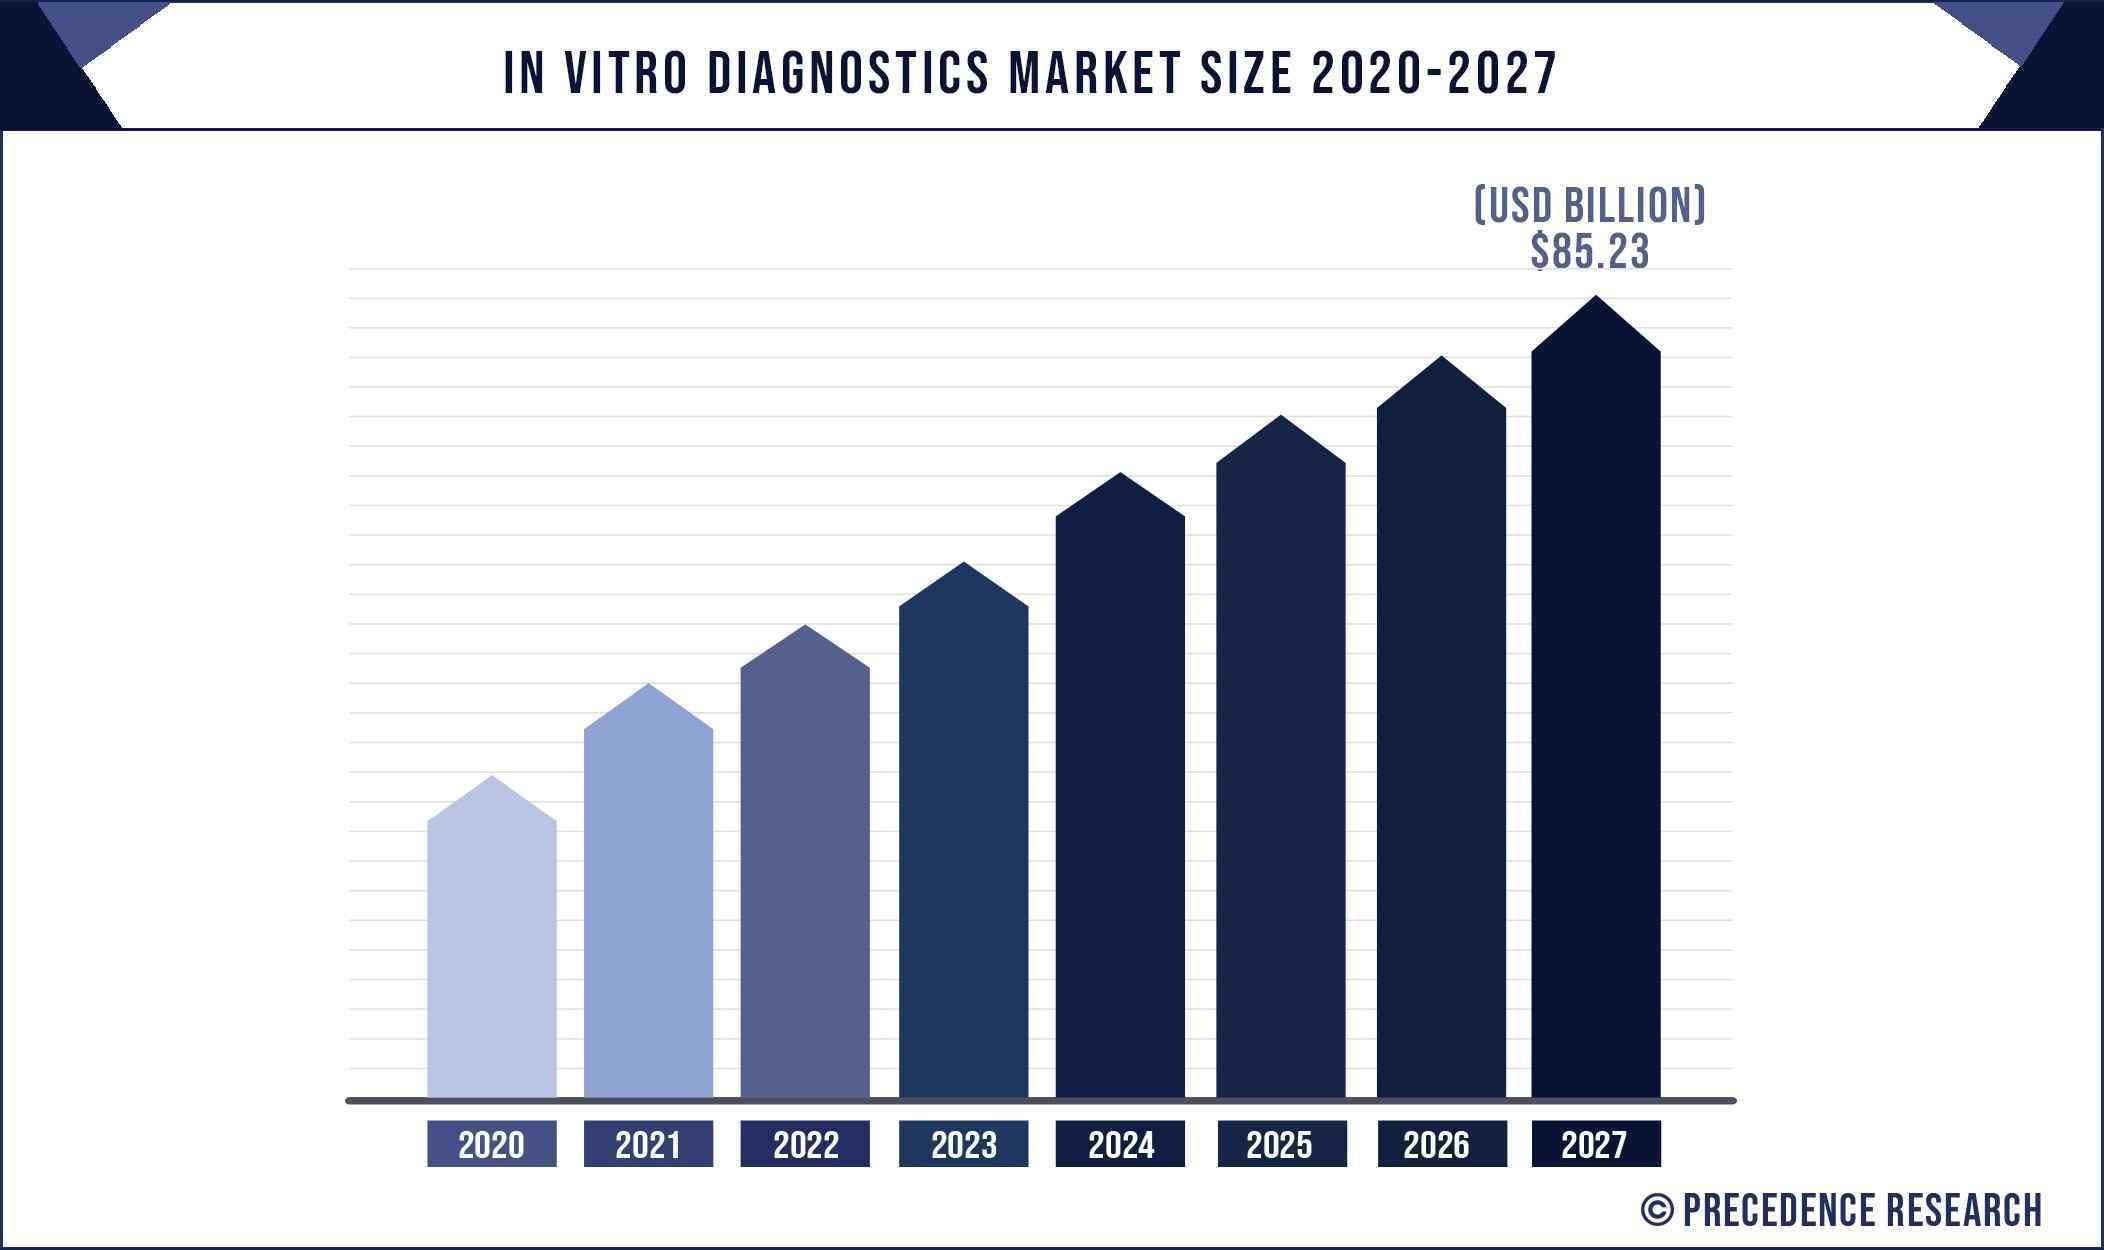 In Vitro Diagnostics Market Size 2020 to 2027